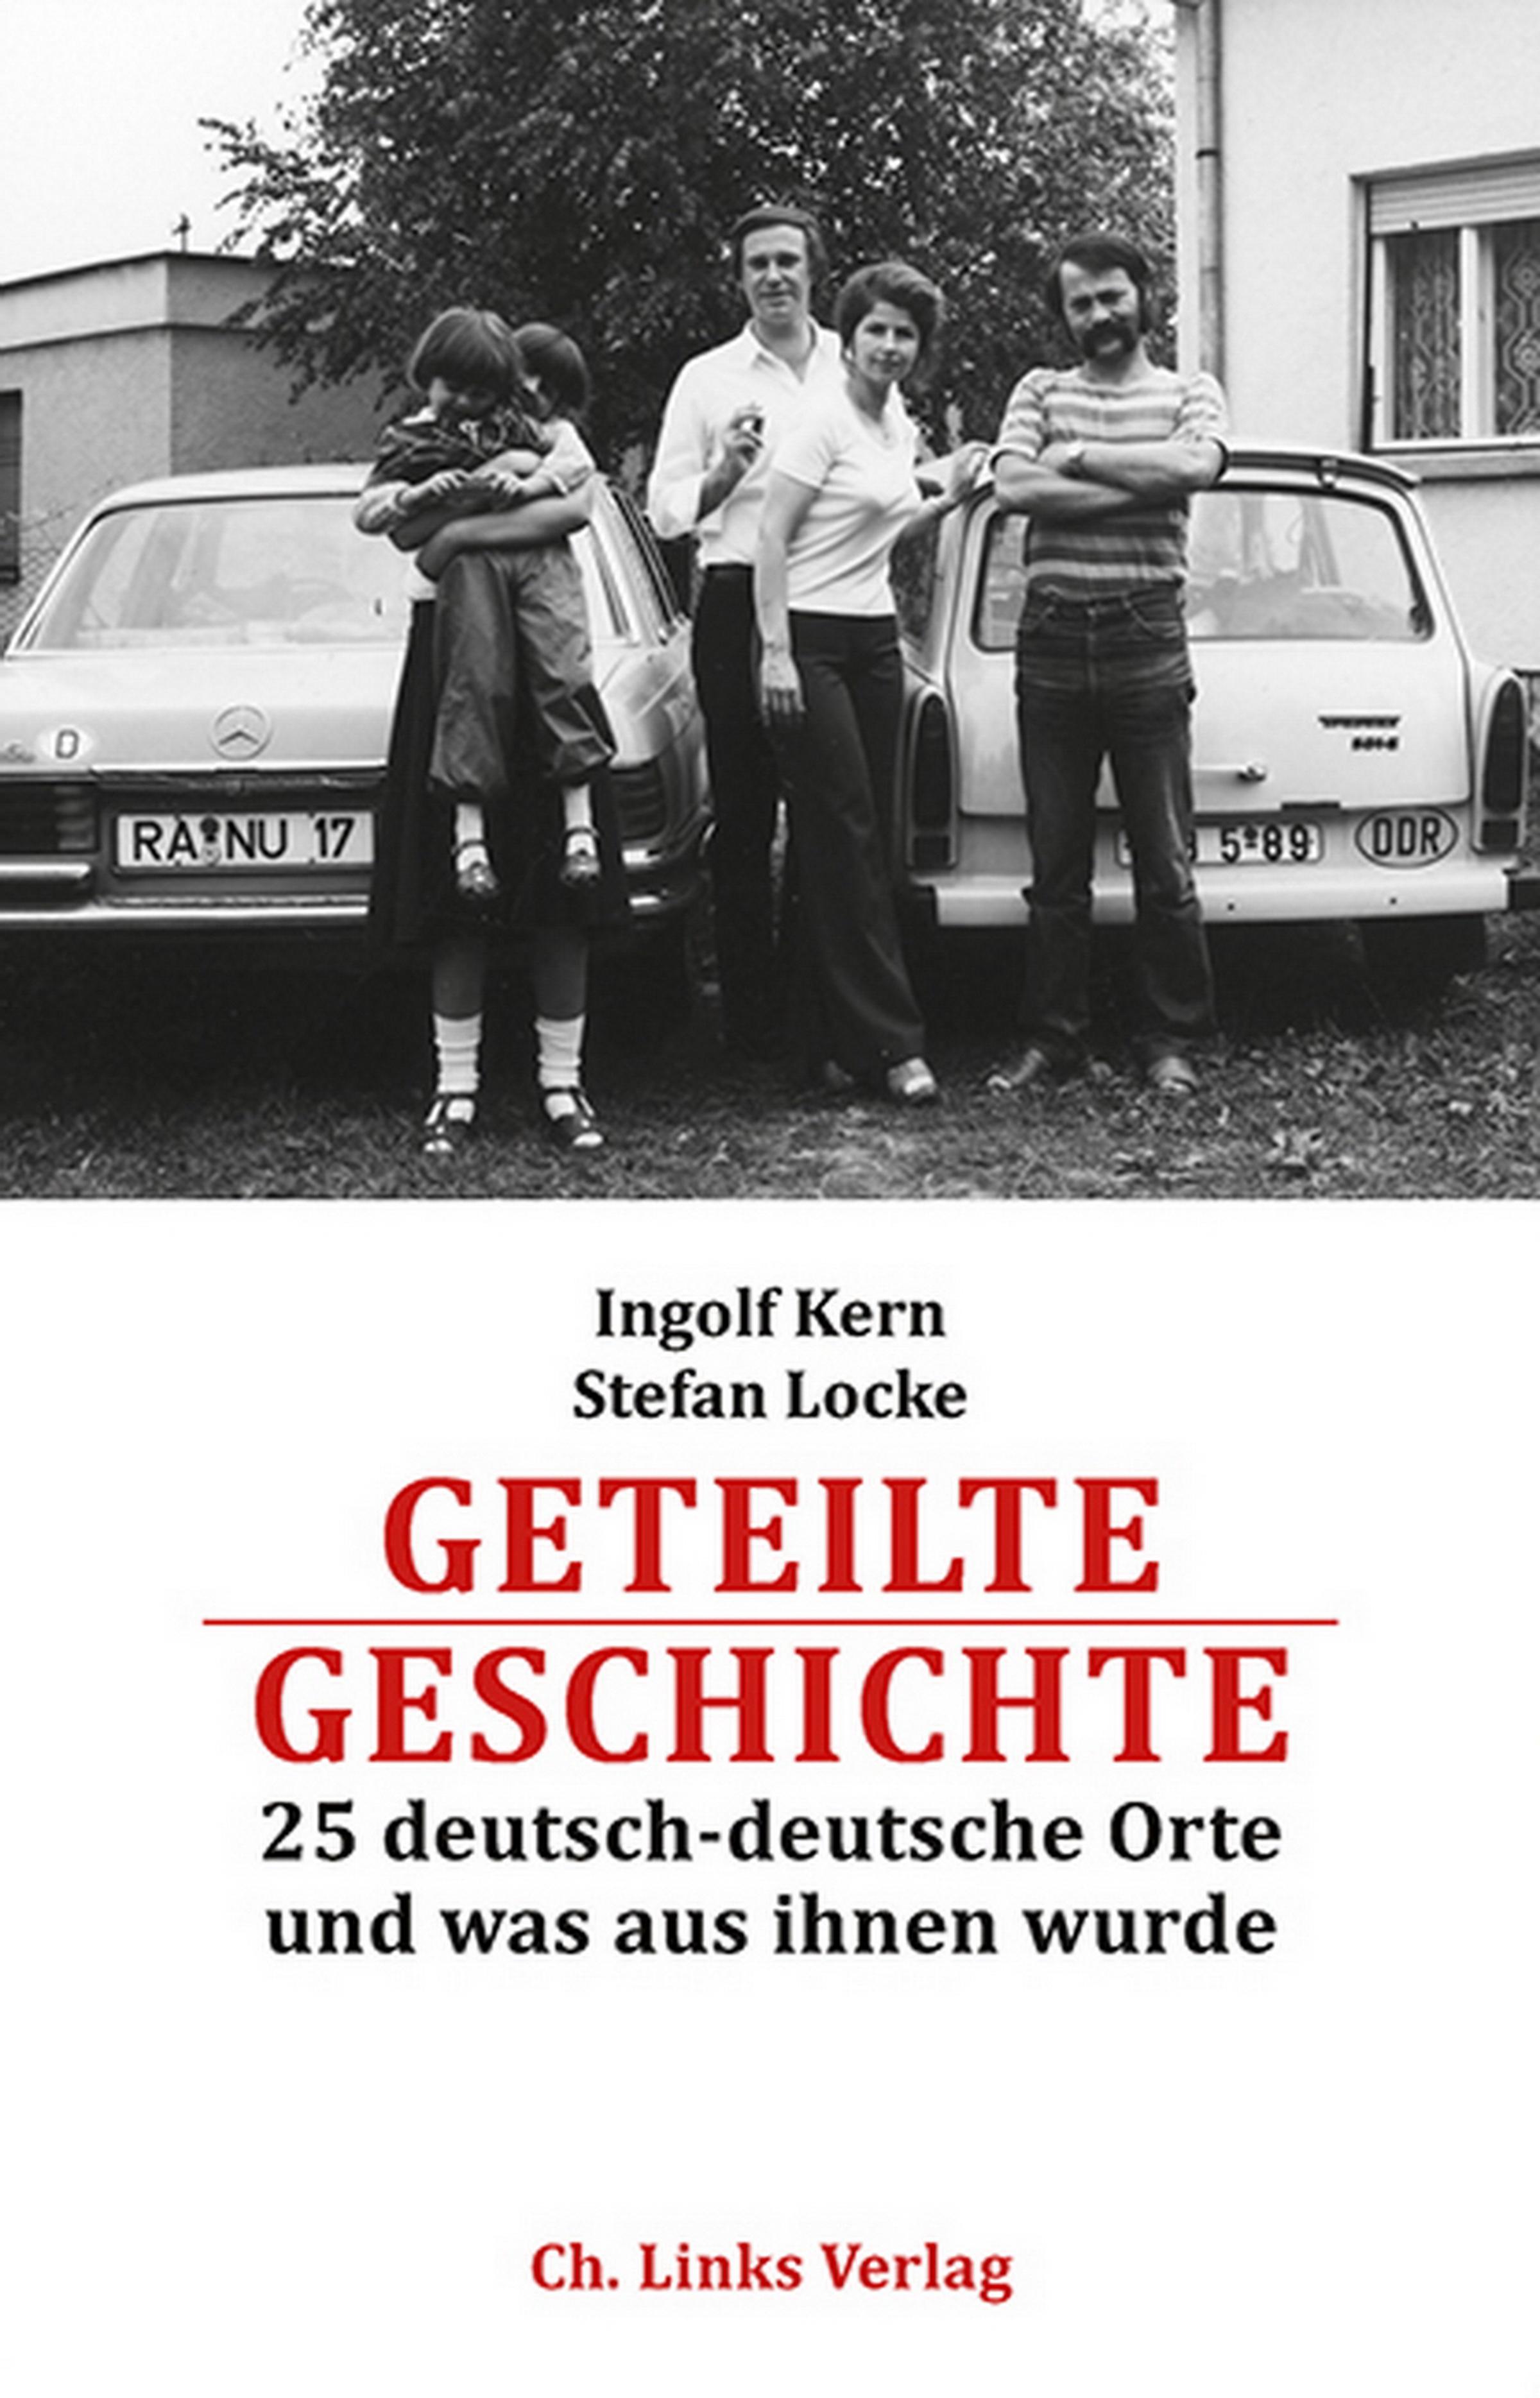 Ingolf Kern Geteilte Geschichte цена 2017